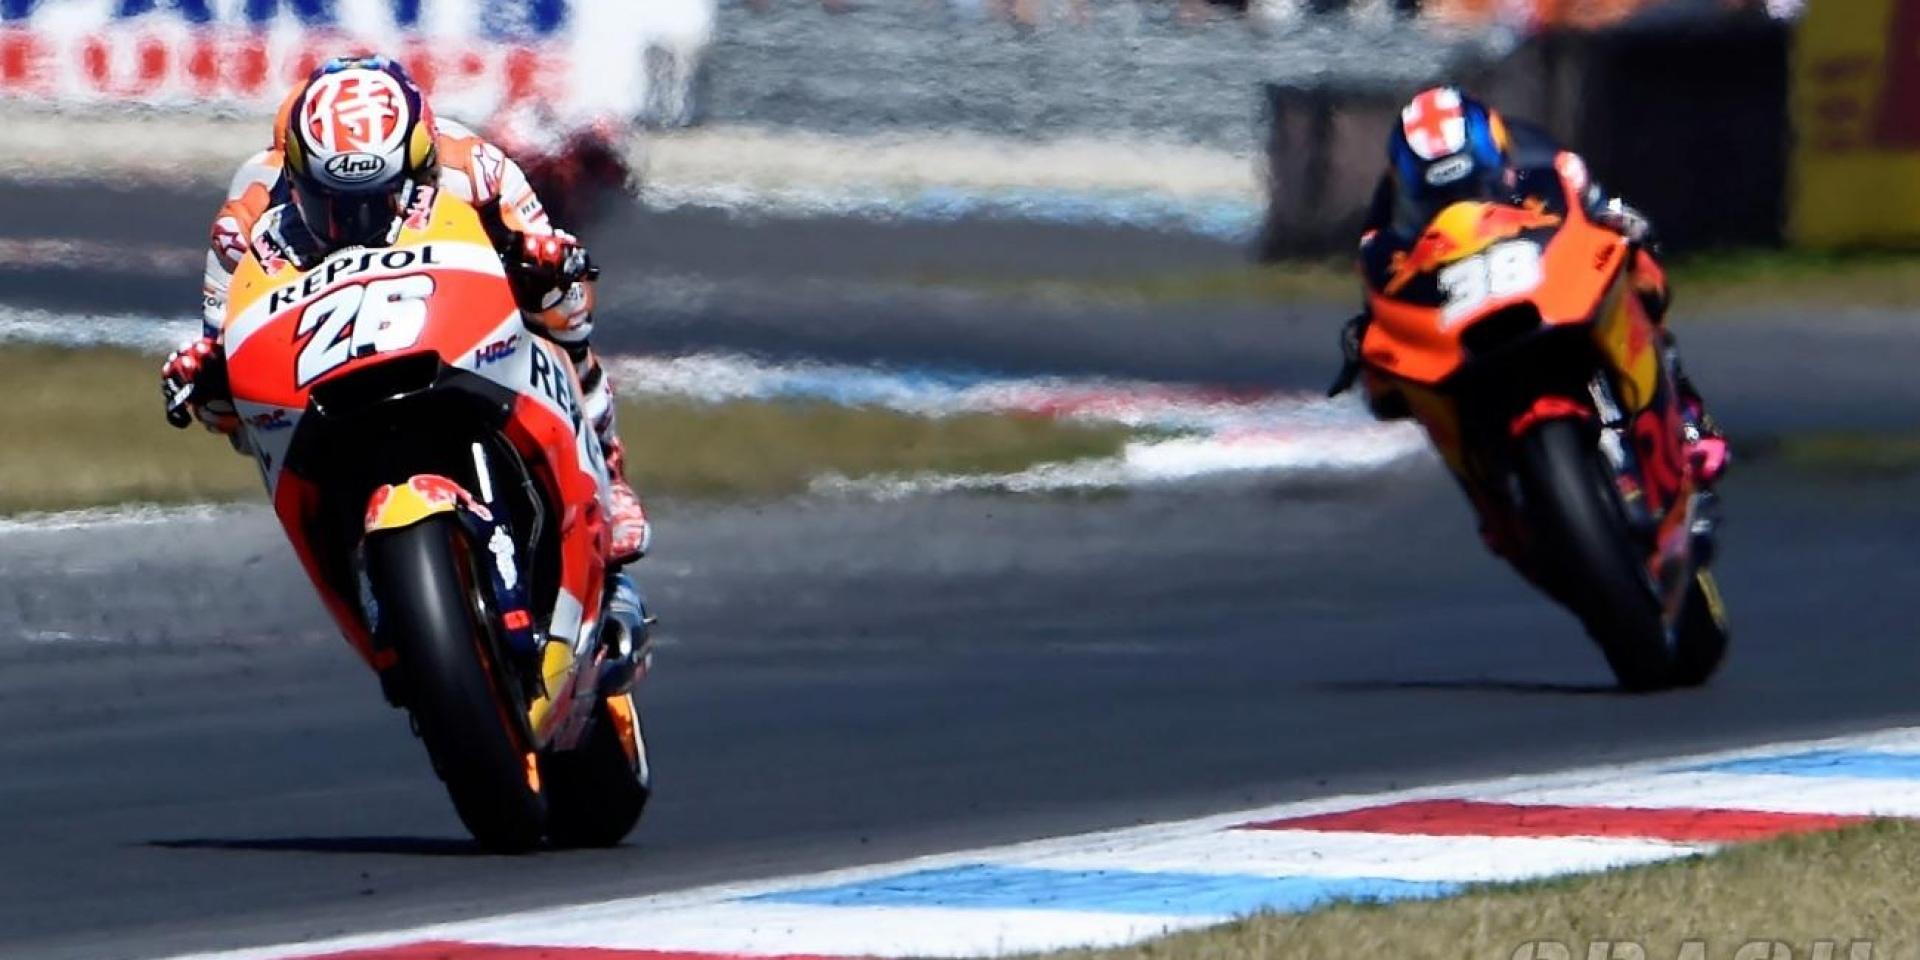 橘色力量的誘惑!Dani Pedrosa將轉往KTM當測試車手?